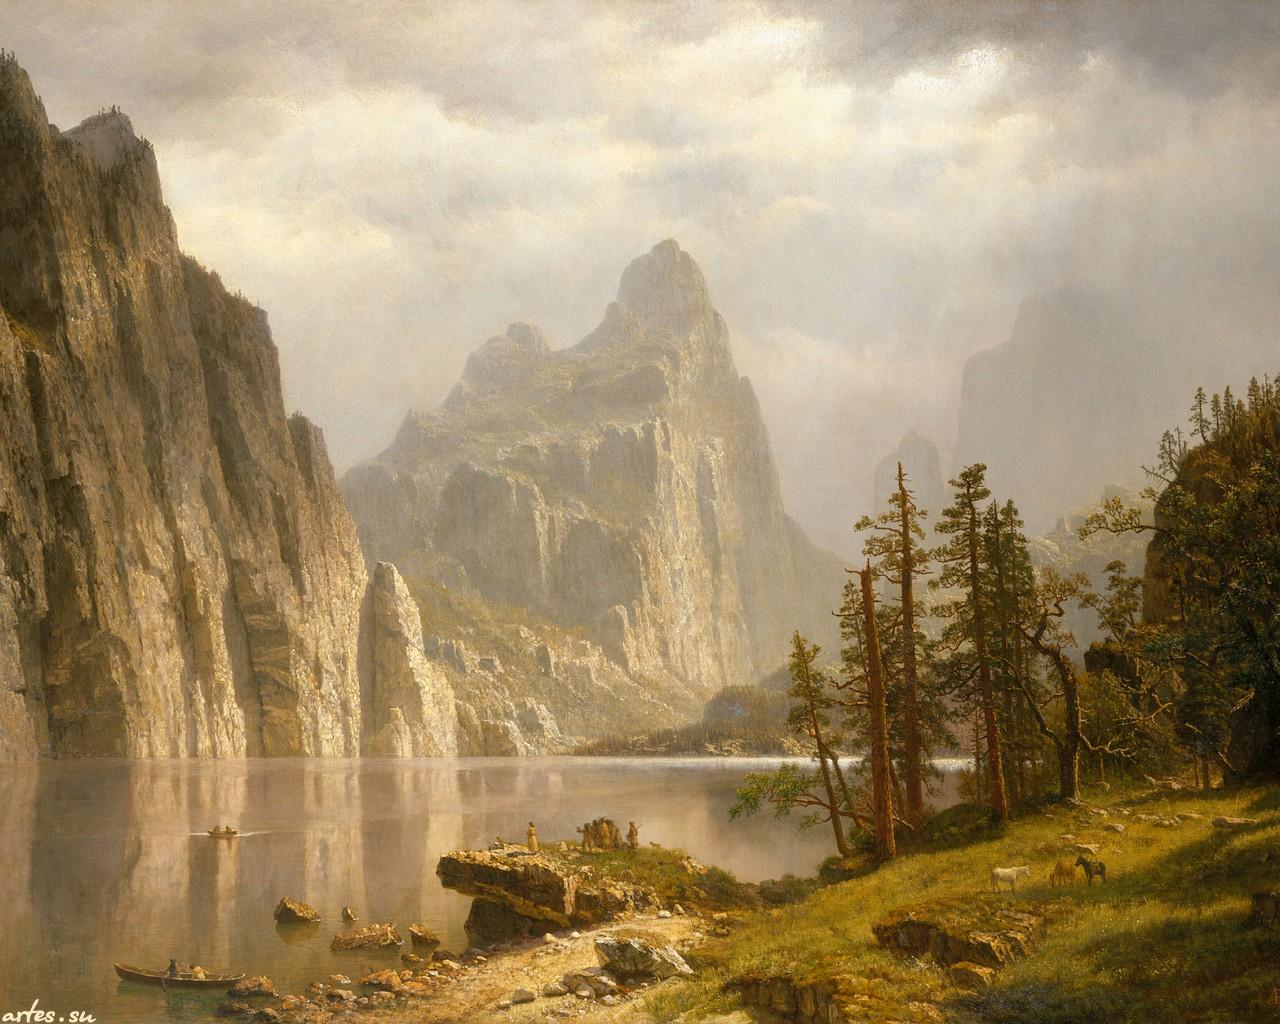 скачать обои пейзаж Albert Bierstadt природа горы на